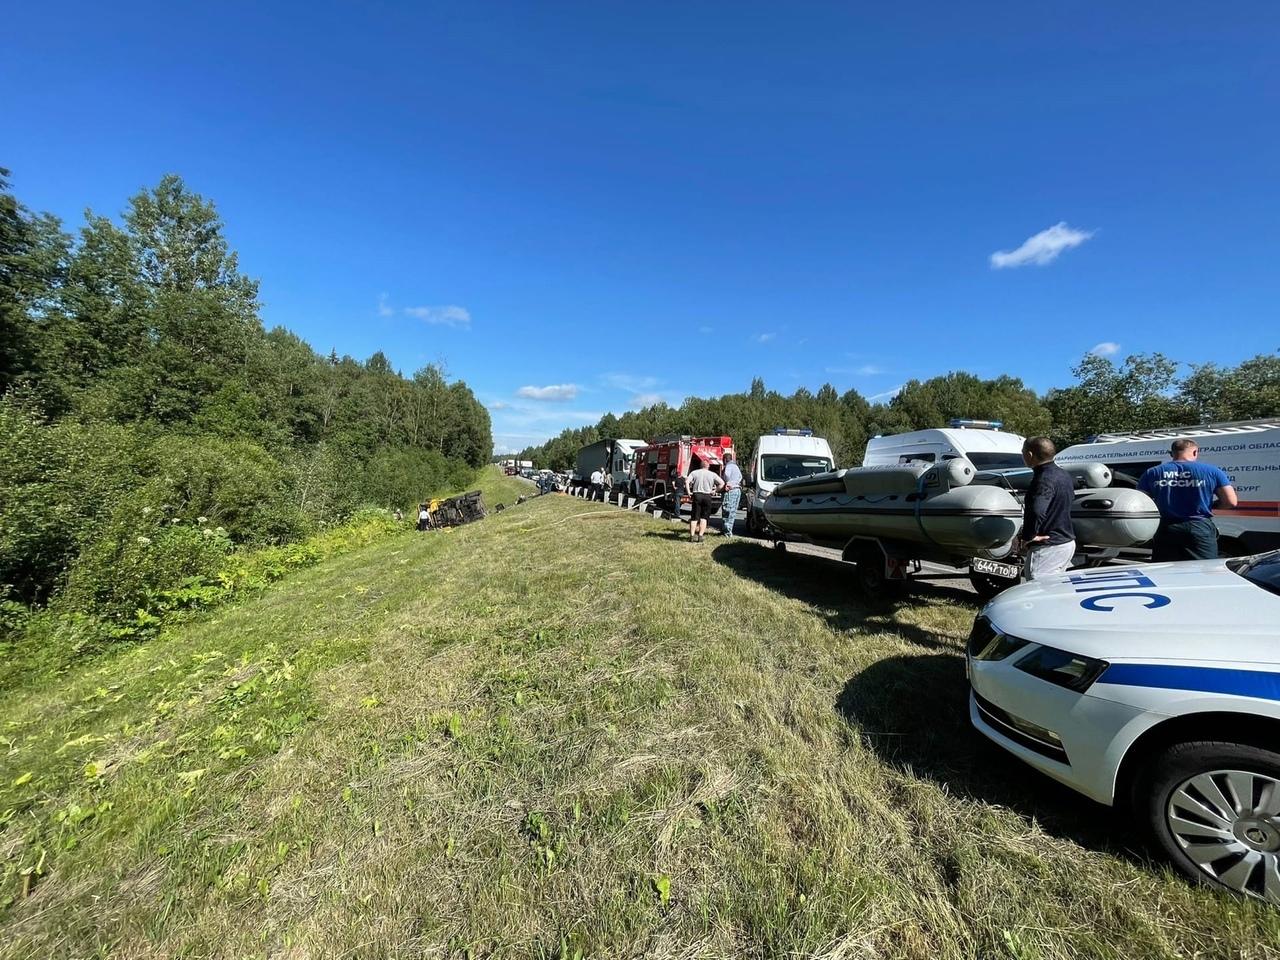 На Мурманском шоссе в районе Феликсово произошло смертельное ДТП Столкнулись 2 фуры, 3 легковые. ...